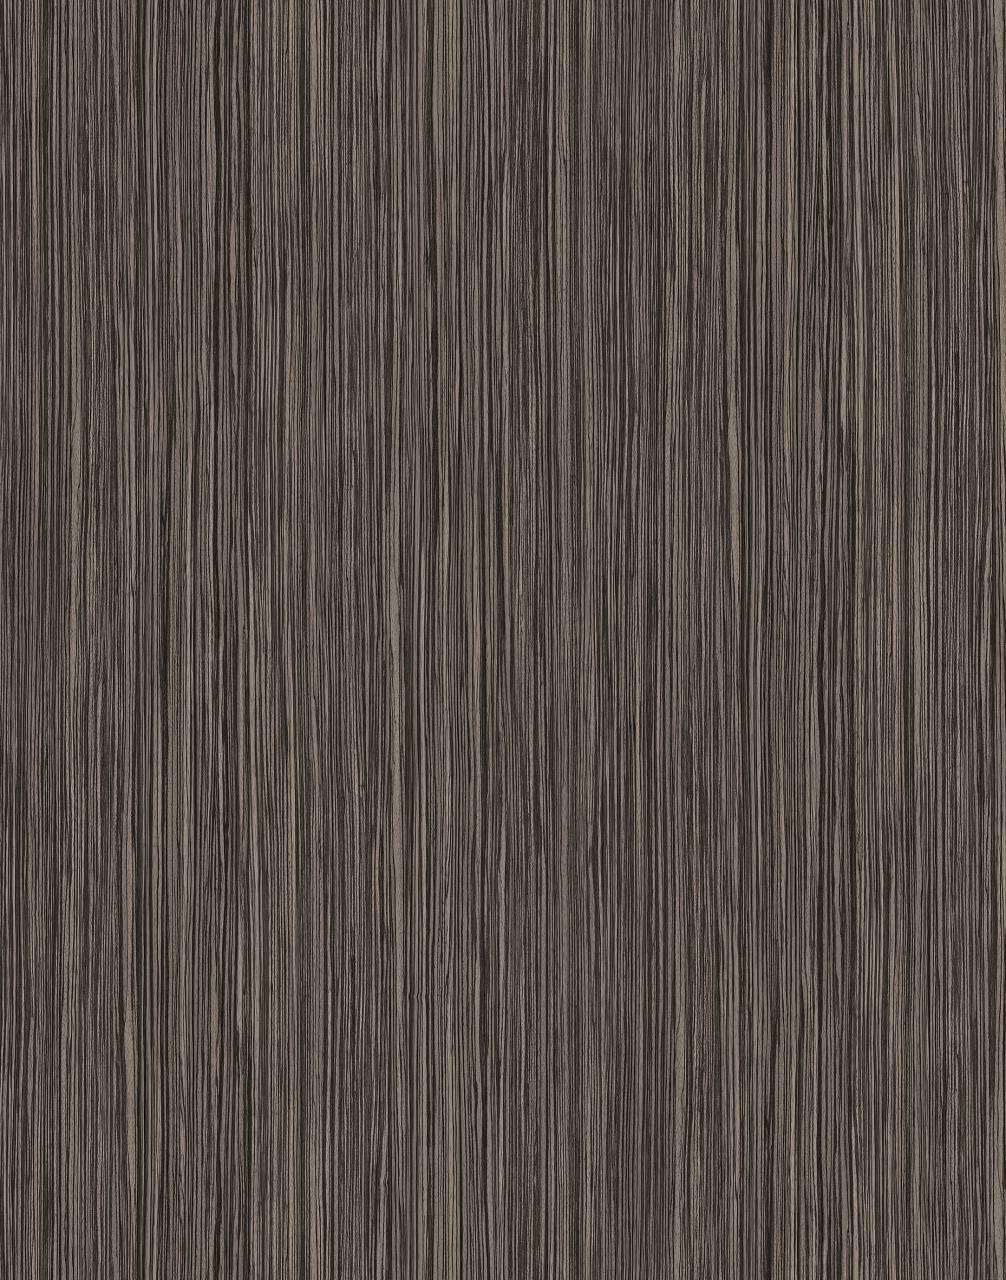 8656 Zebrano Nuance (MF PB sample)